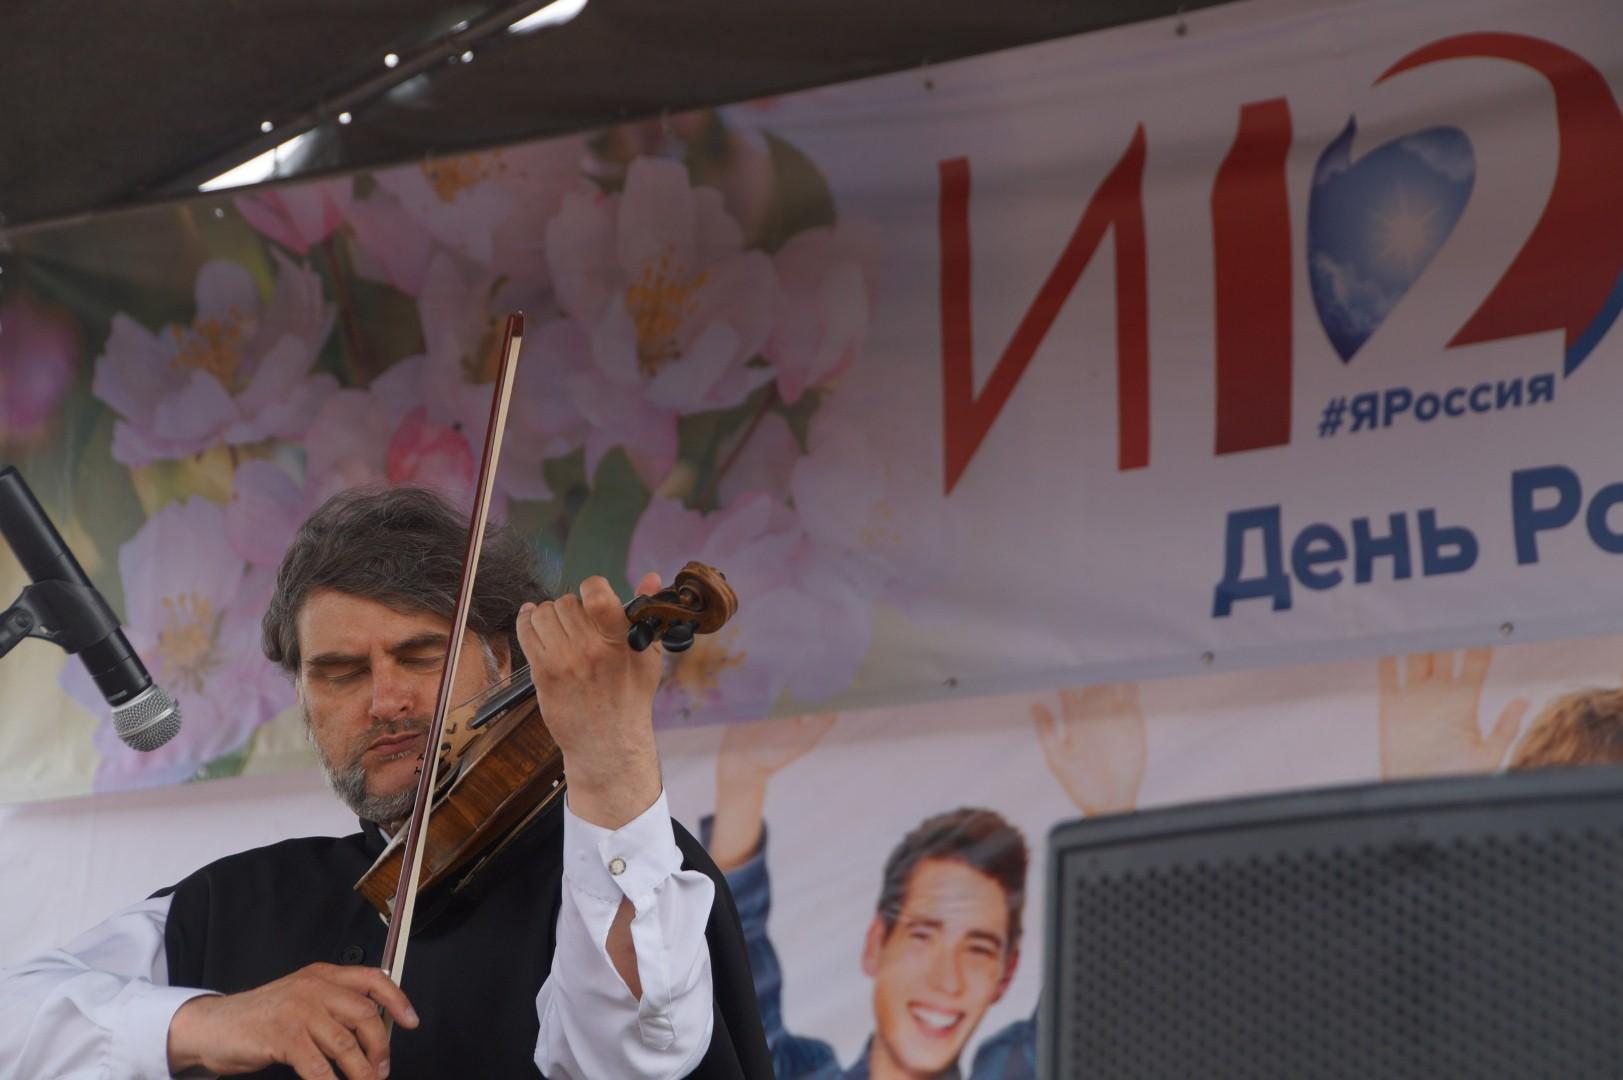 Альтист Илья Овчинников. Фото предоставлено В. Кузминицкой.